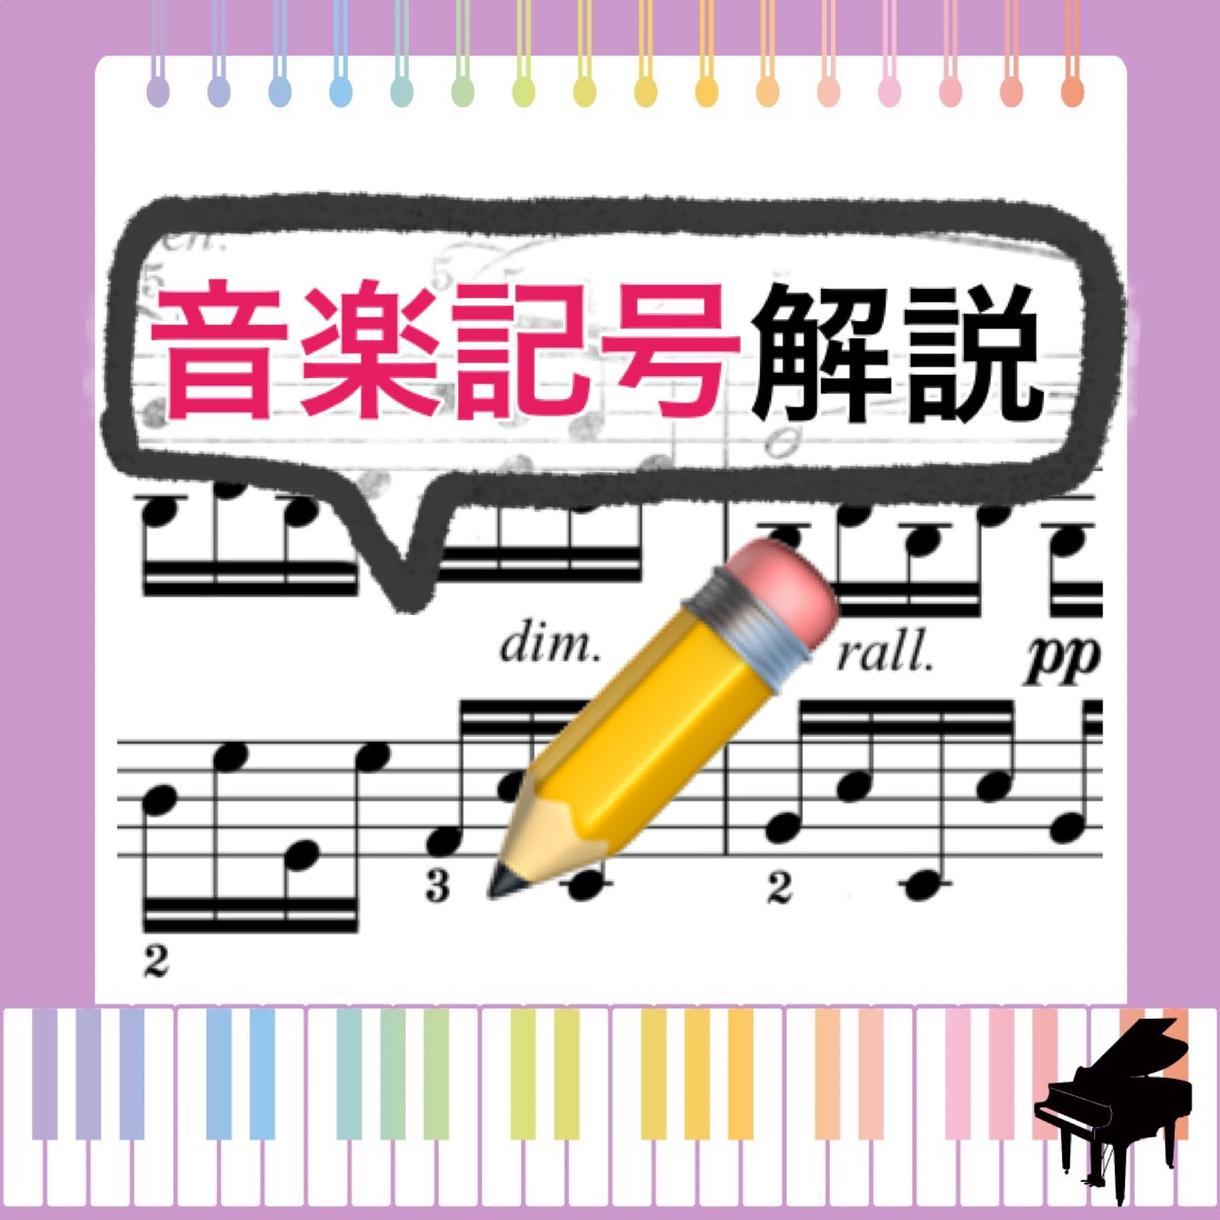 楽譜の分からないを【全て解説】します 音楽用語・記号の意味・弾き方などお困りの点はありませんか❓